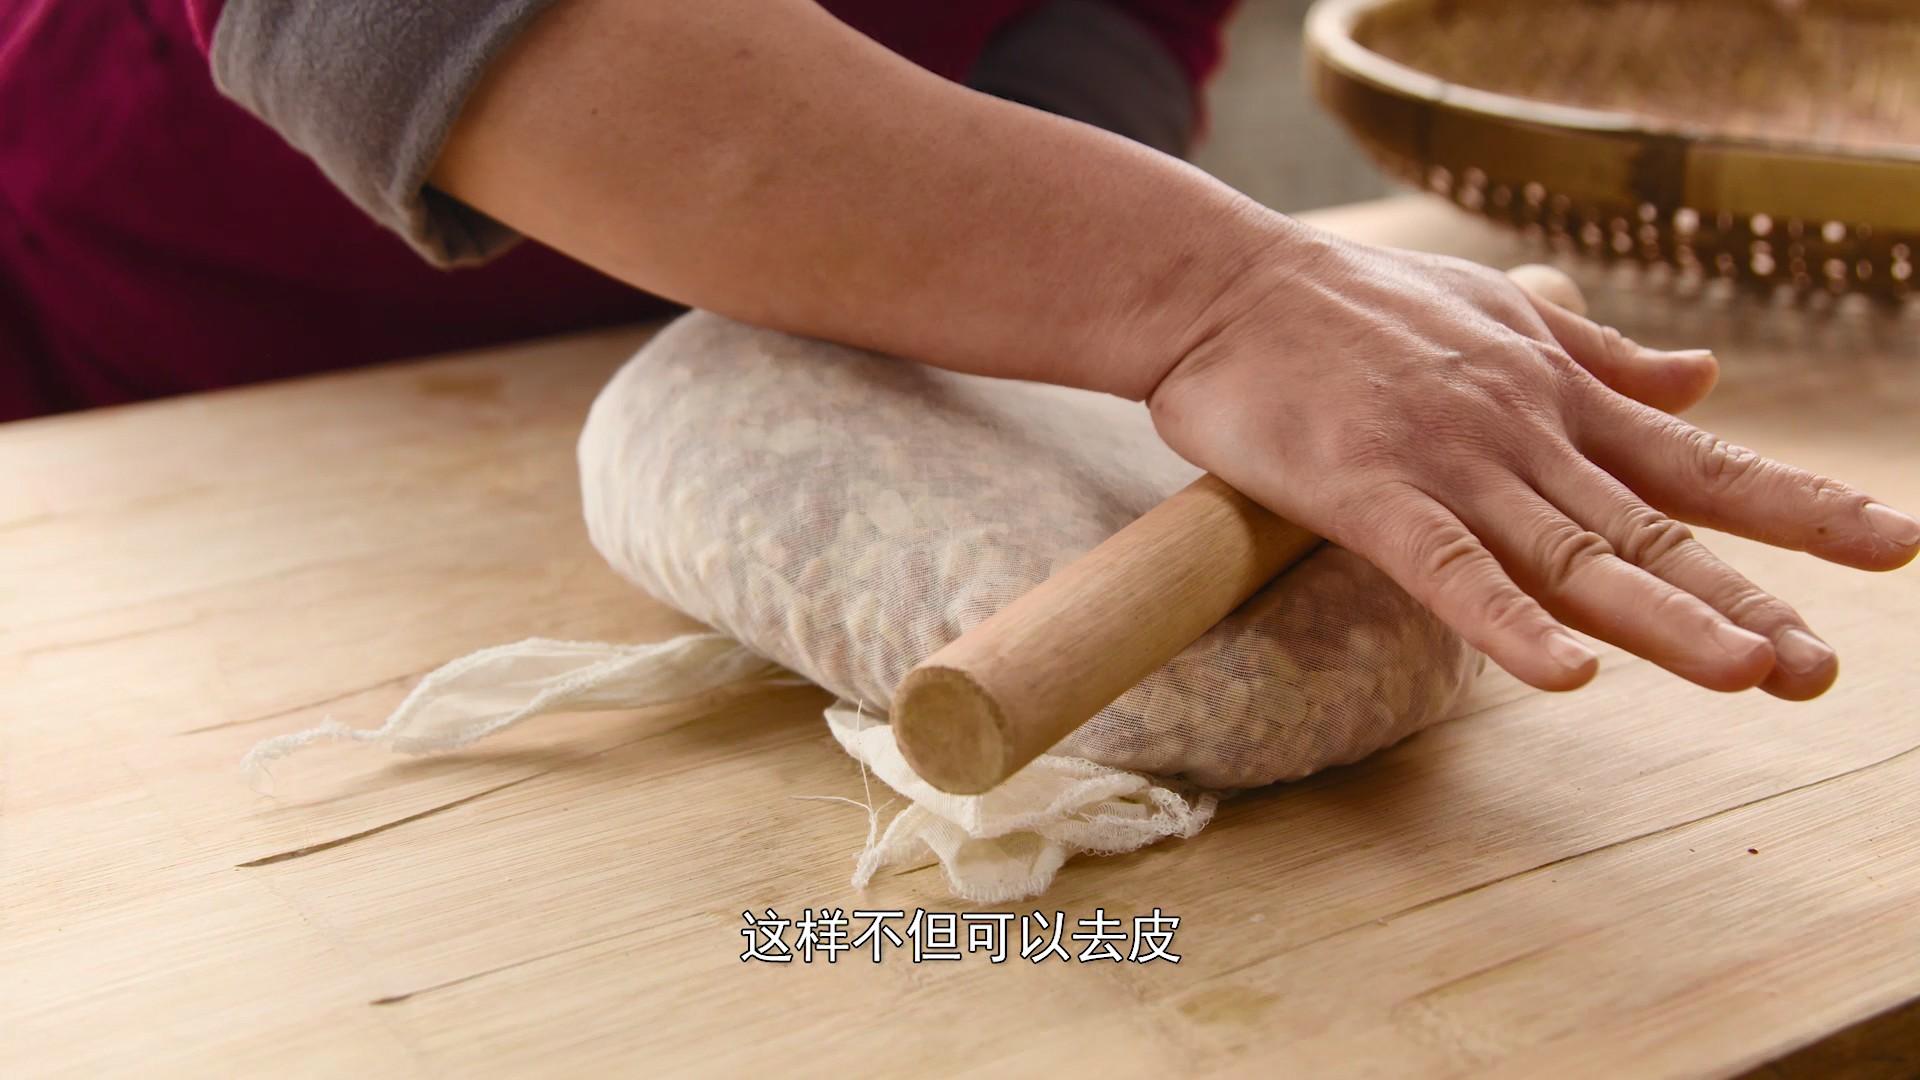 自制小零食【花生糖】,酥脆香甜,制作简单的简单做法